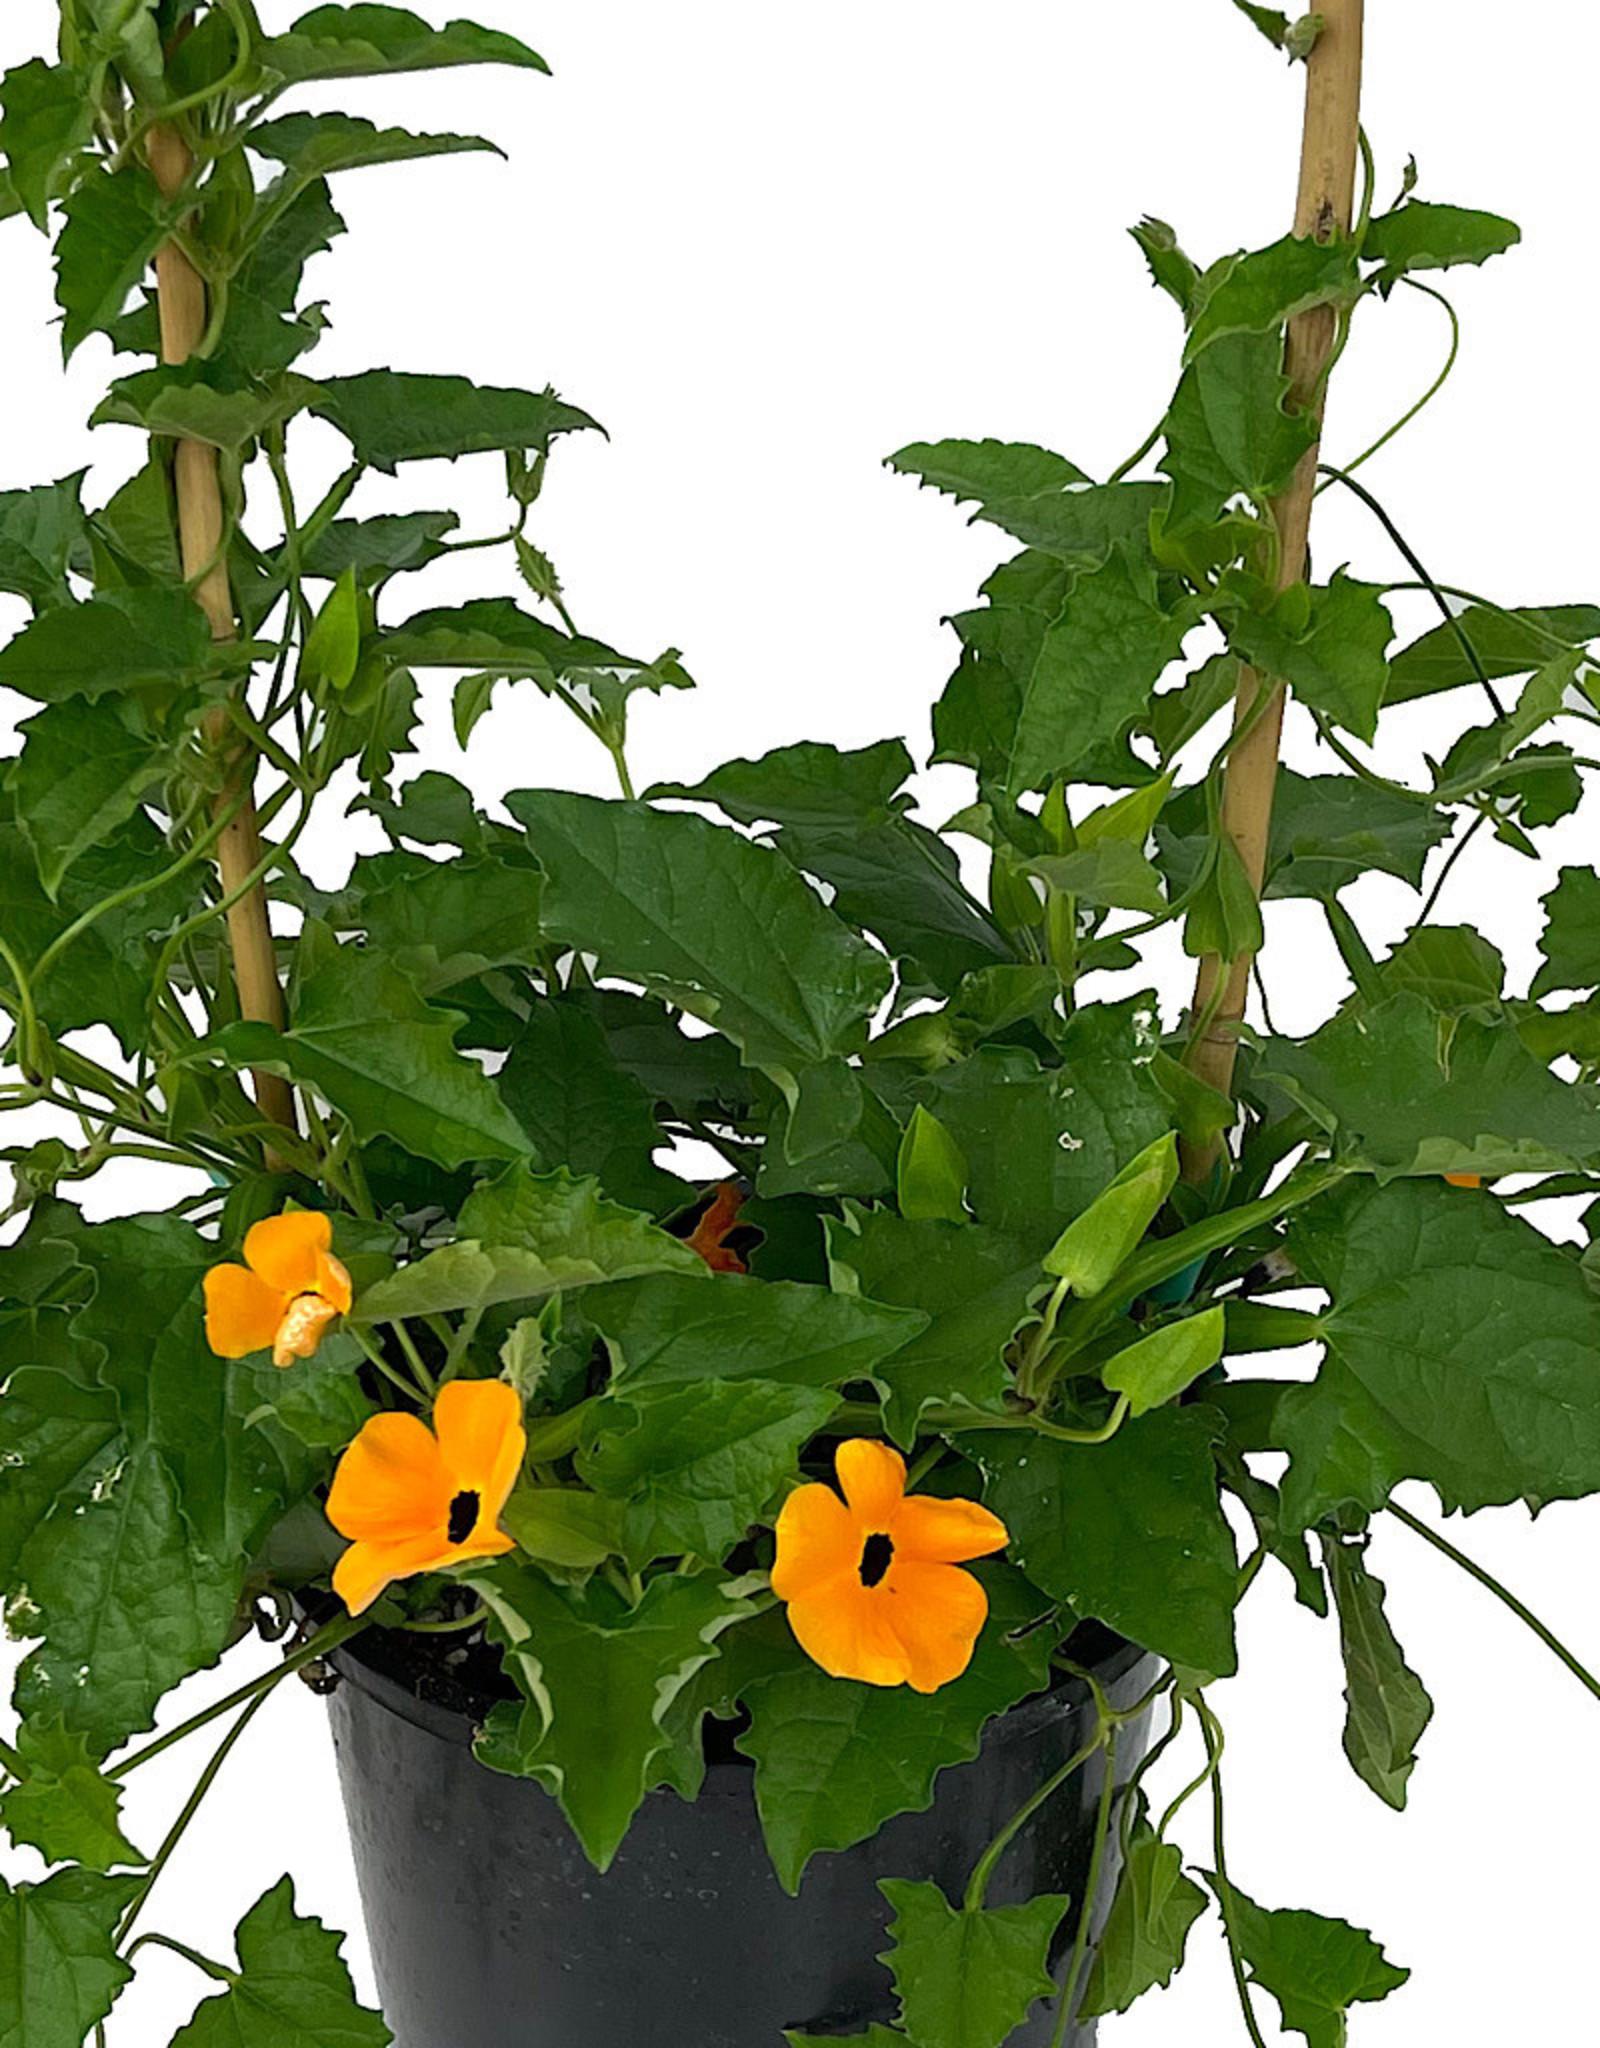 Thunbergia 'Orange w/ Black Eye' 1 Gallon